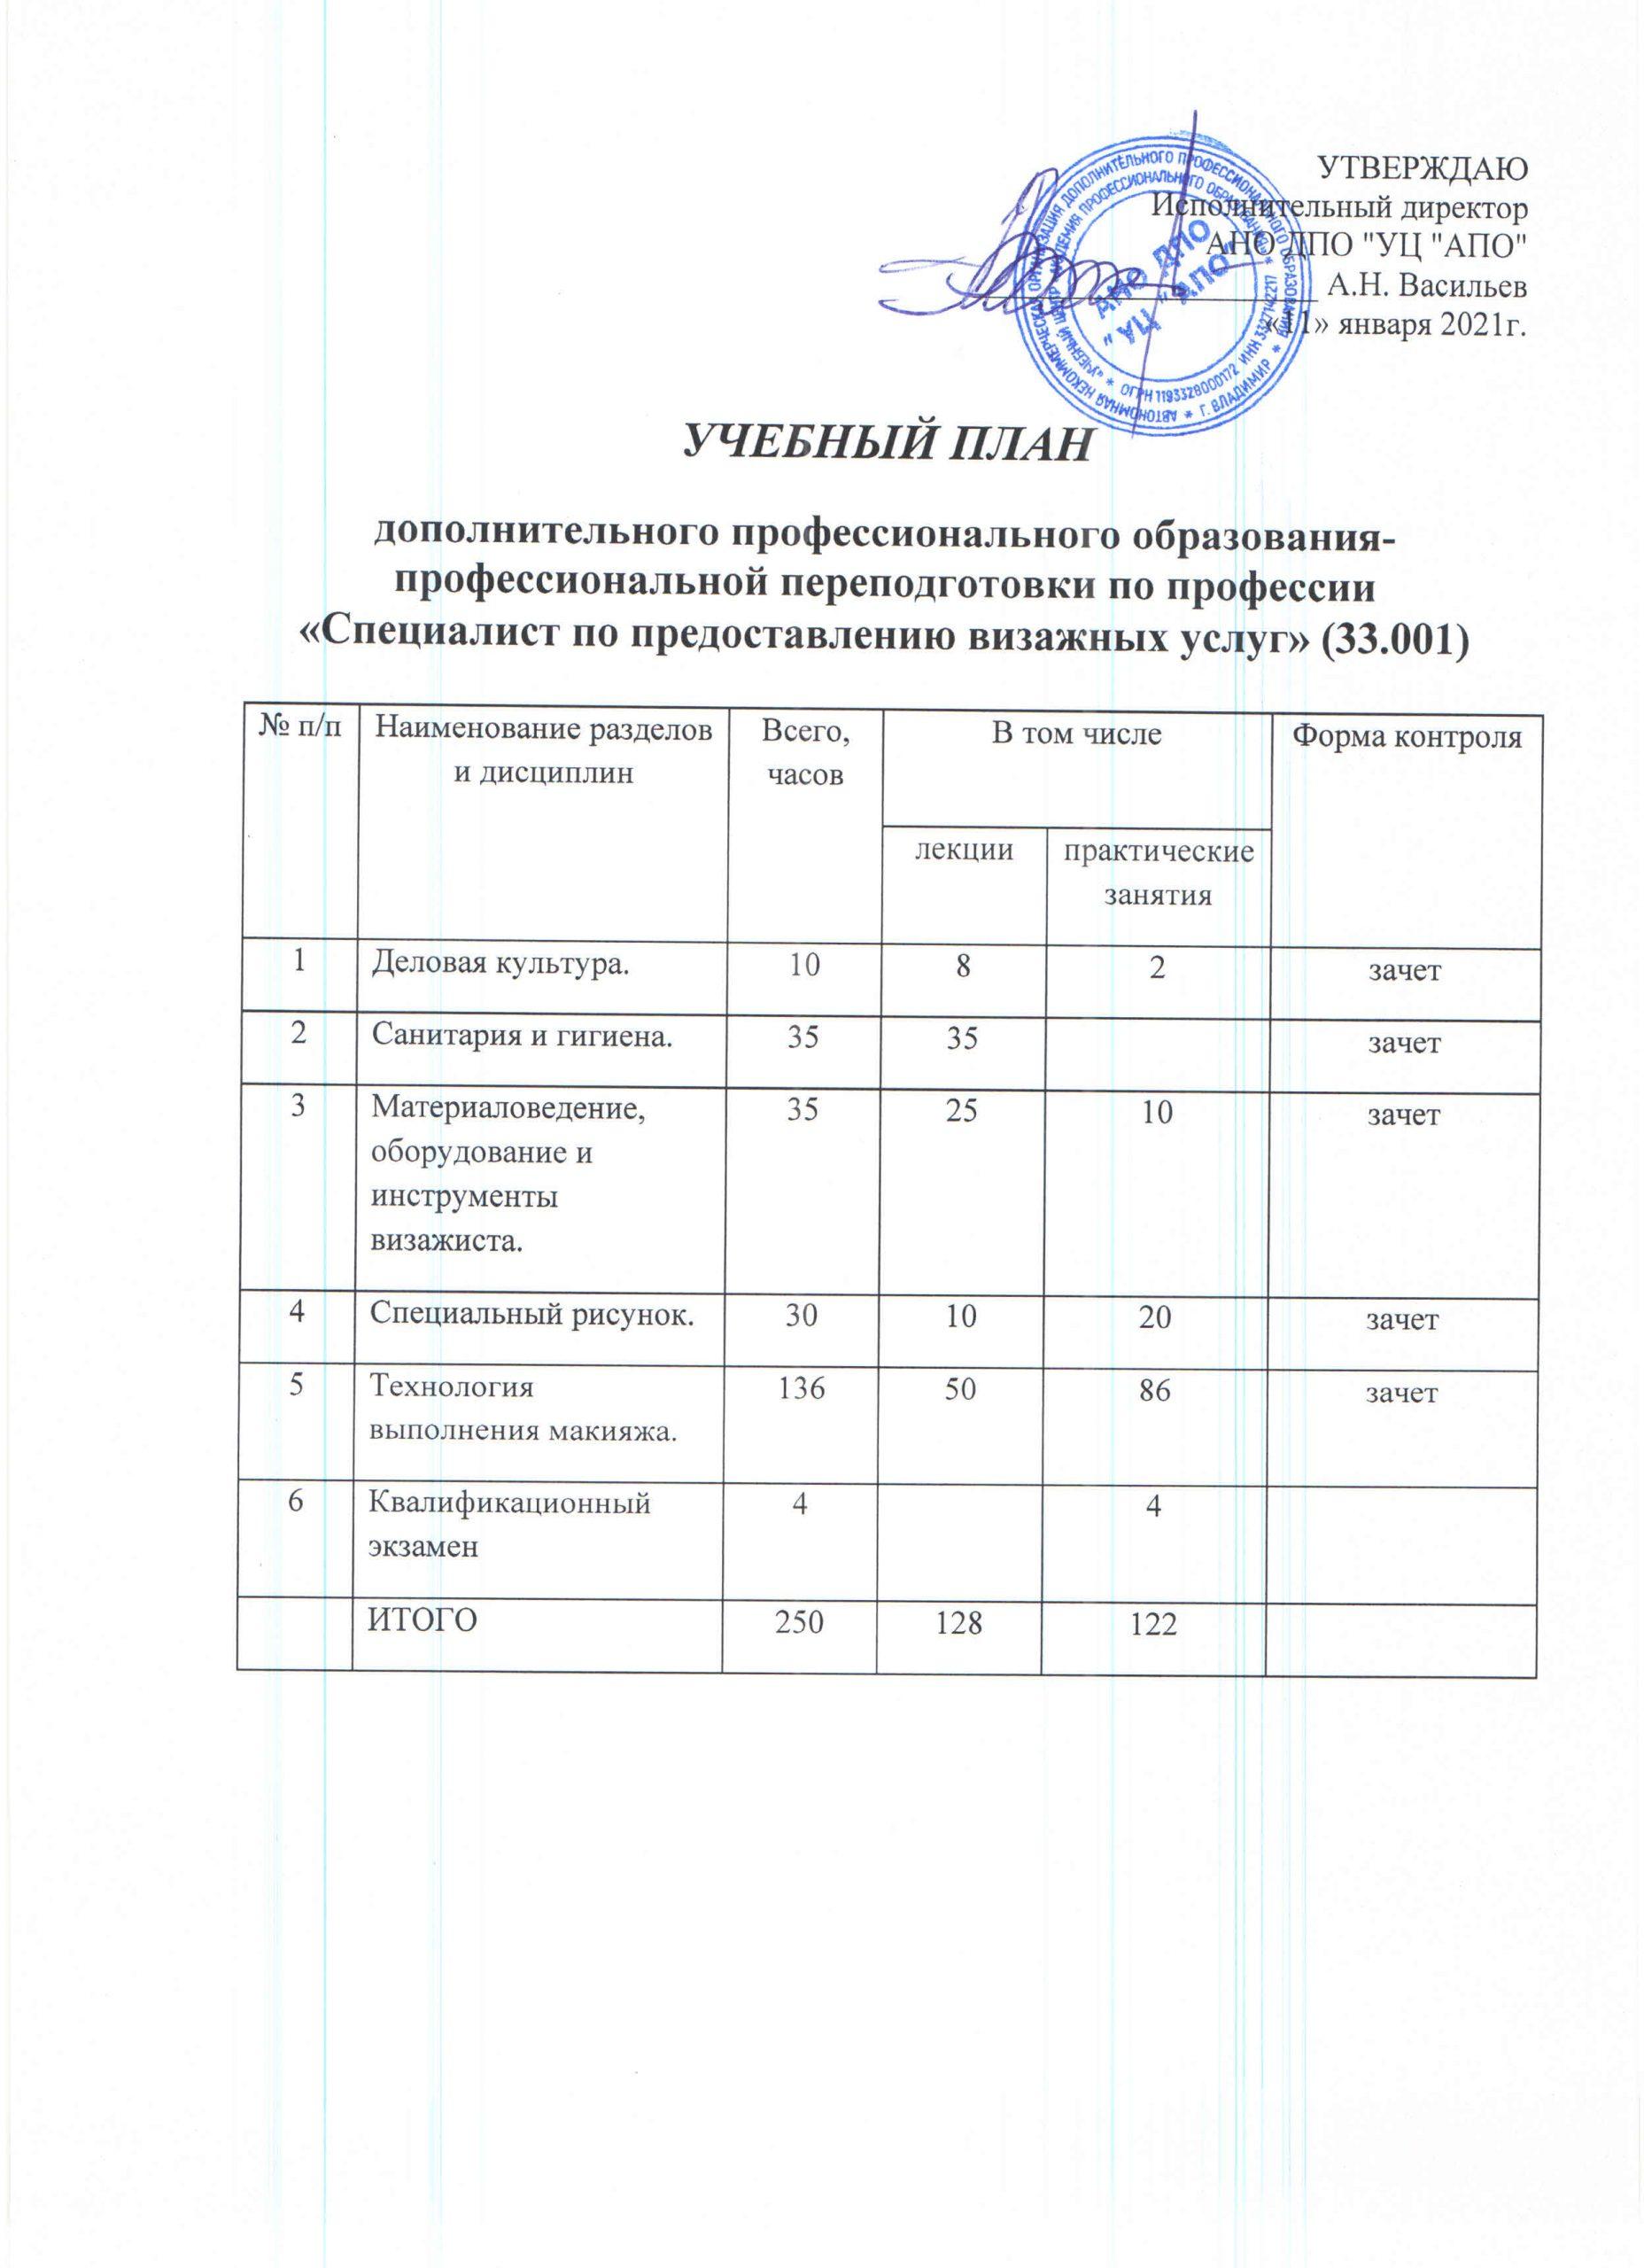 Специалист по предоставлениювизажных услуг (33.001)